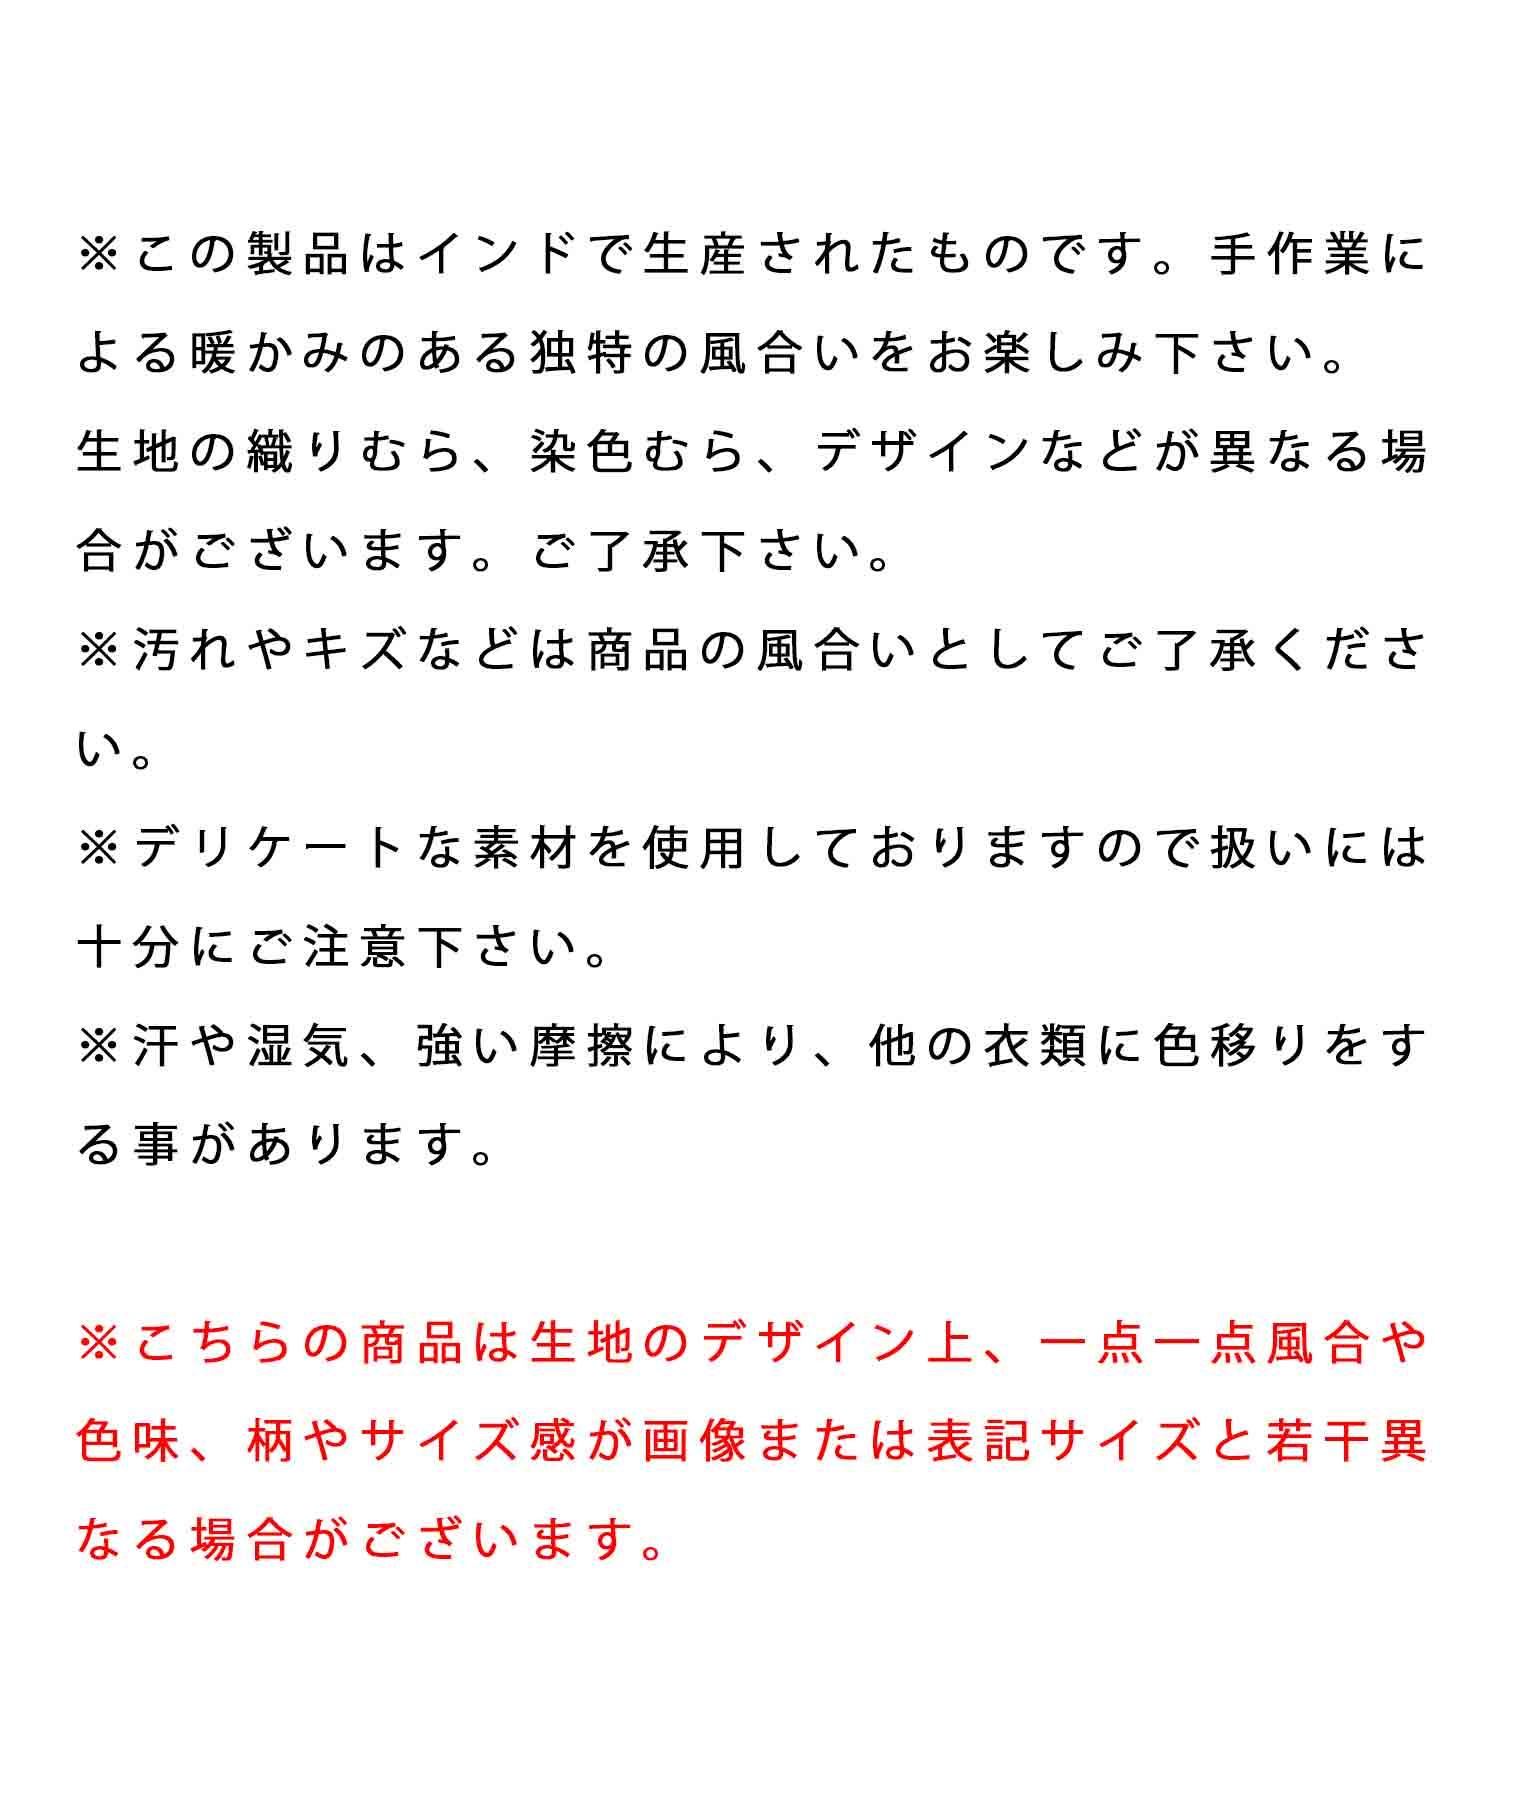 ダジュールランチマット(インテリア雑貨/キッチングッズ) | ANAP HOME